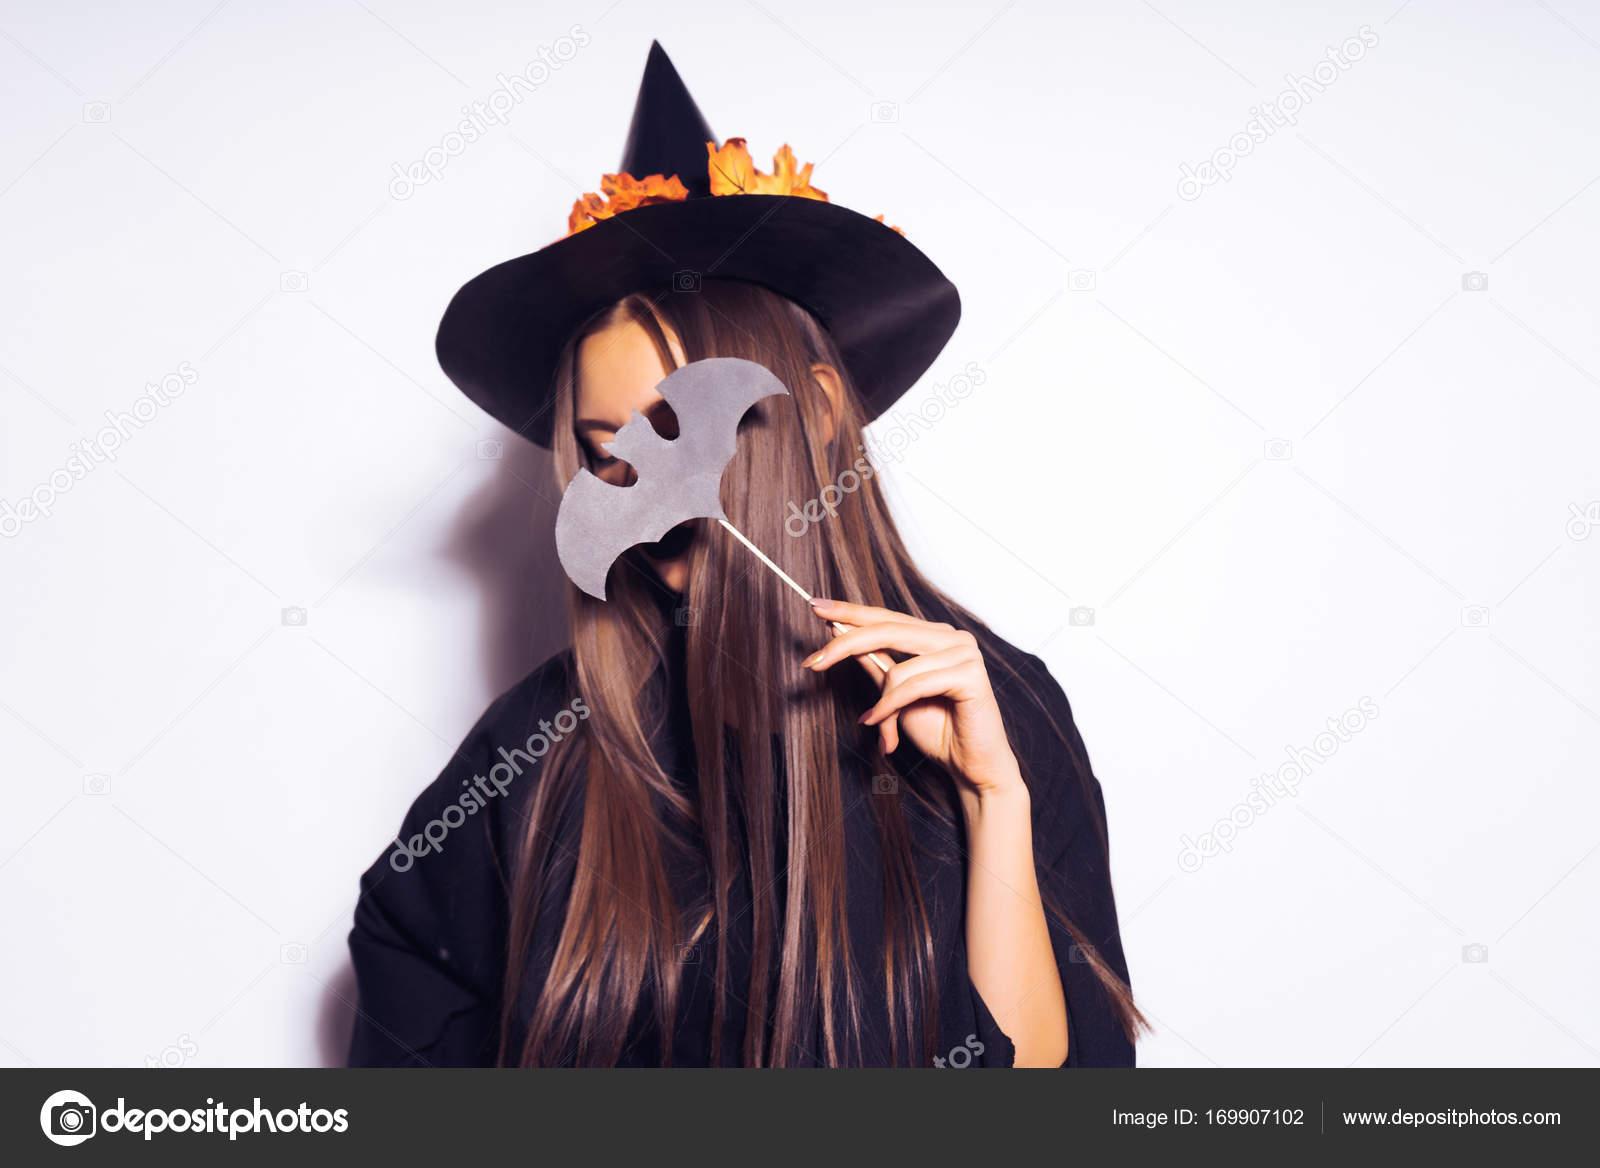 La strega di Halloween con un vestito nero e un grande cappello con foglie  di arancio è che tiene una mazza mazza sulla sua mano e nasconde il suo  volto con ... 75c433774b8b